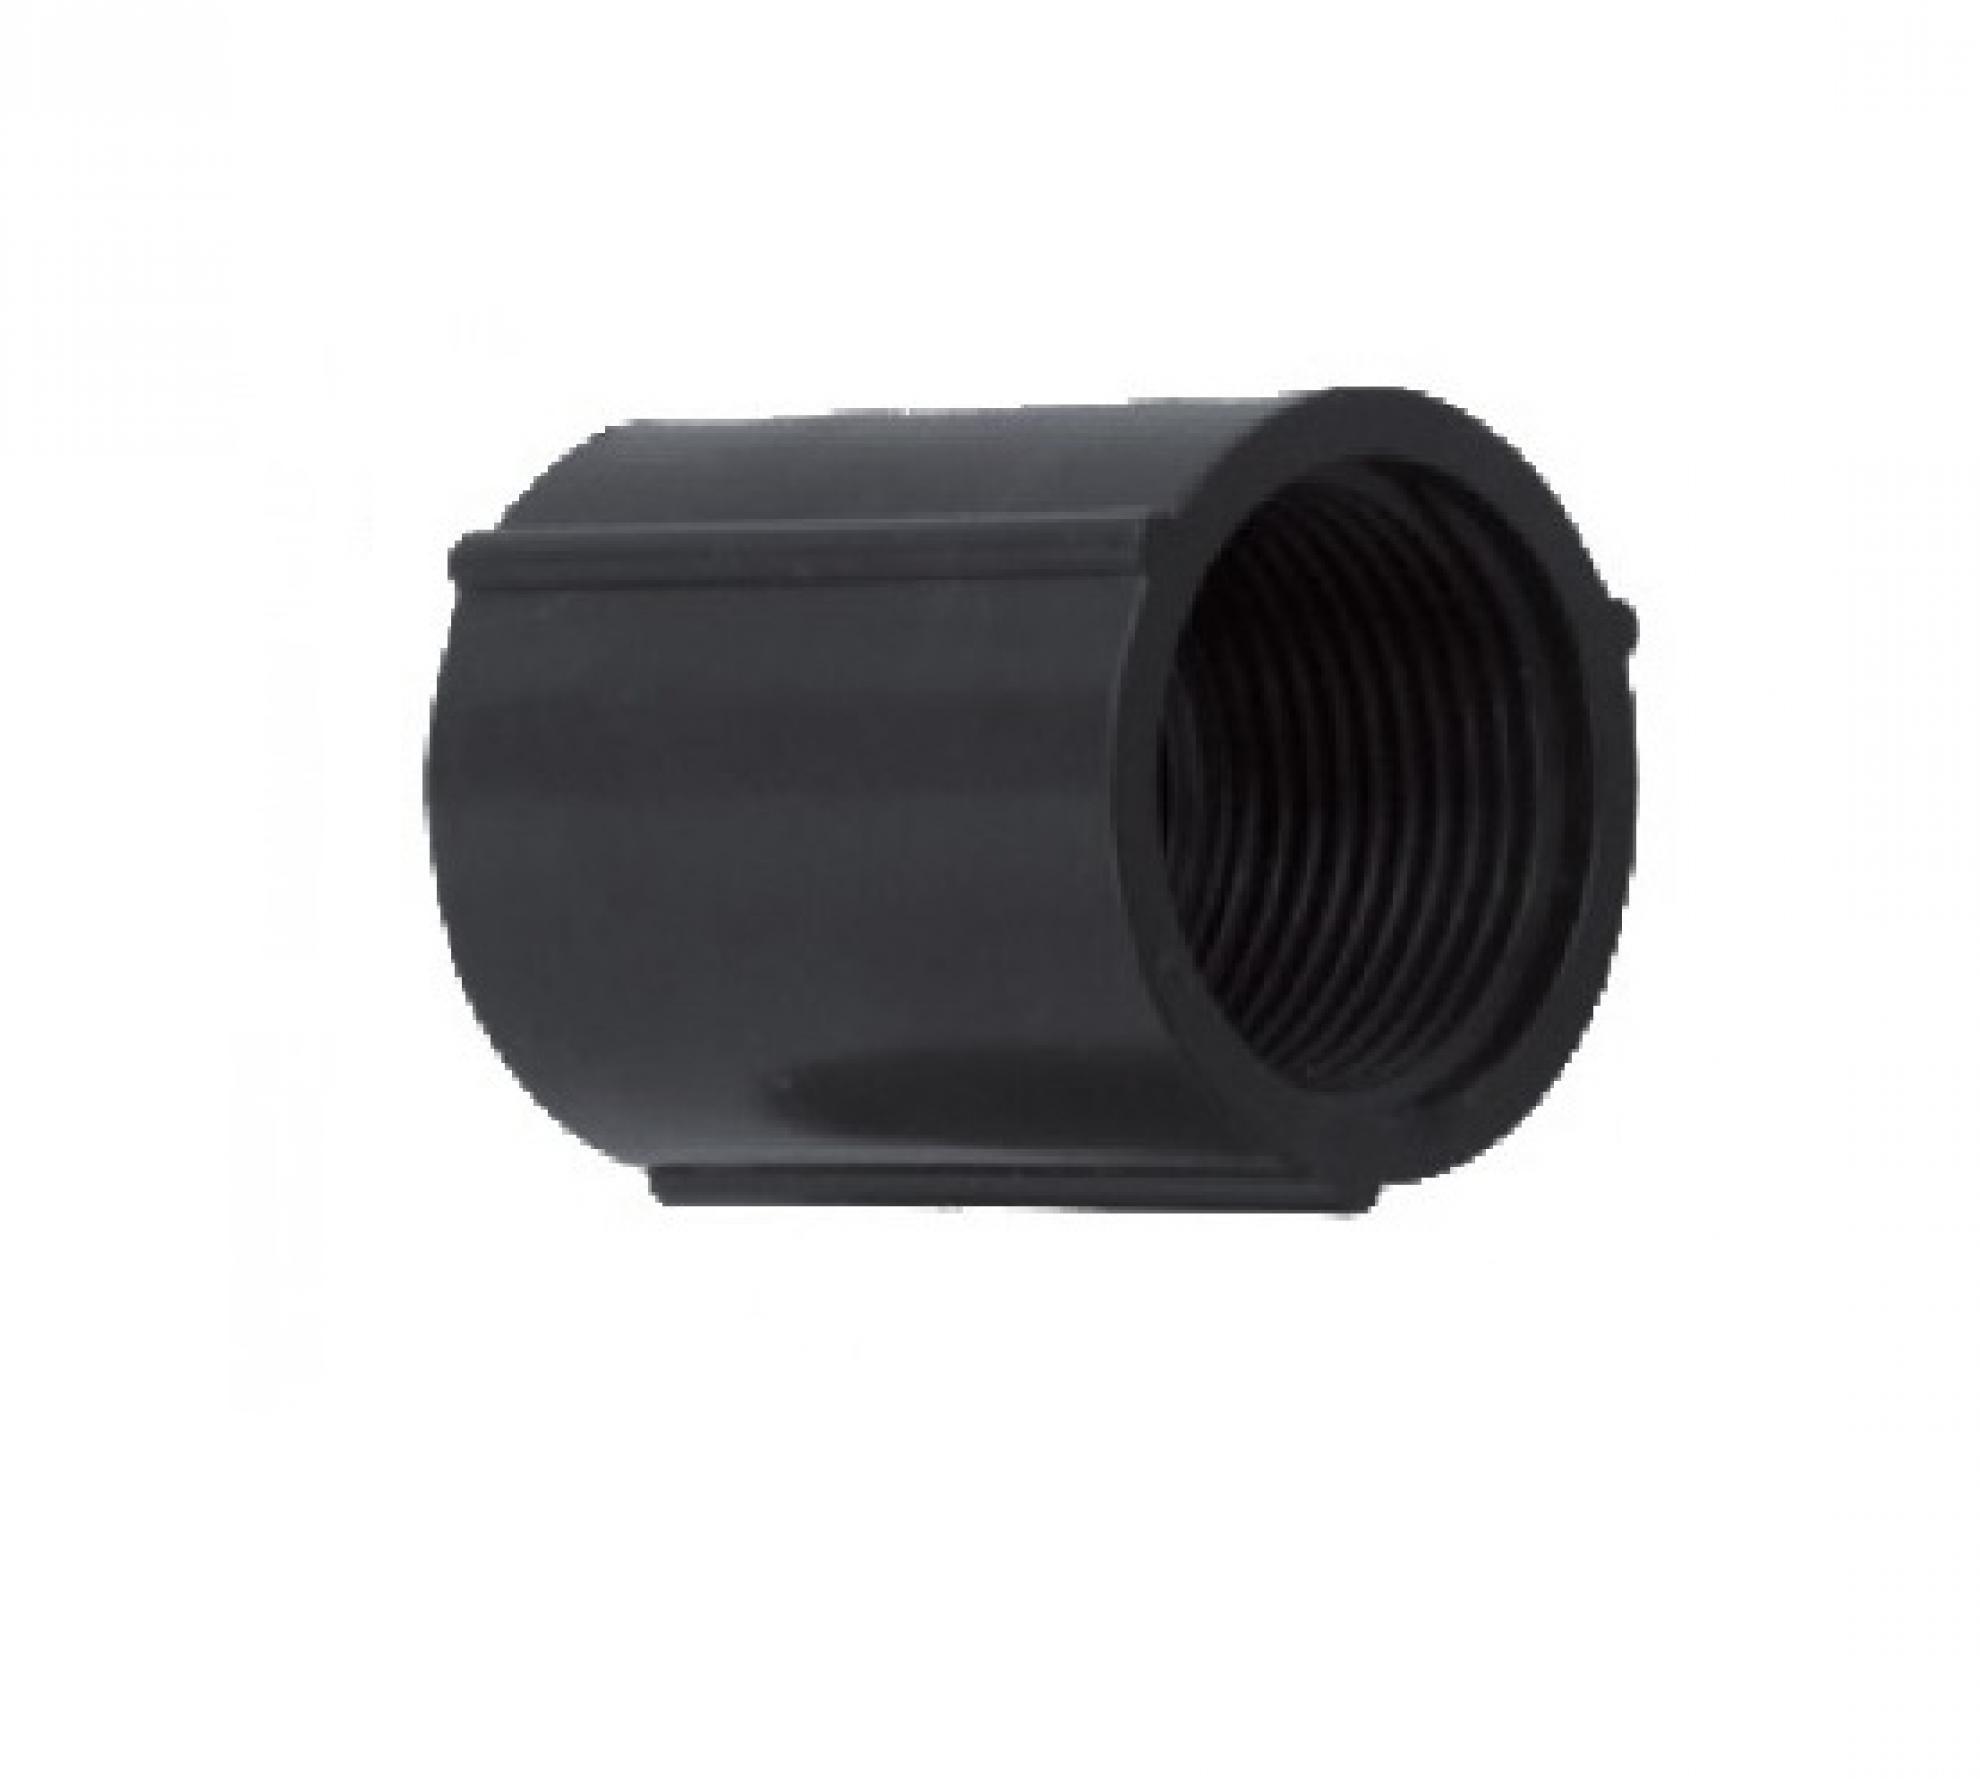 """Luva PVC 1.1/2"""" polegada rosqueavel - Preto"""